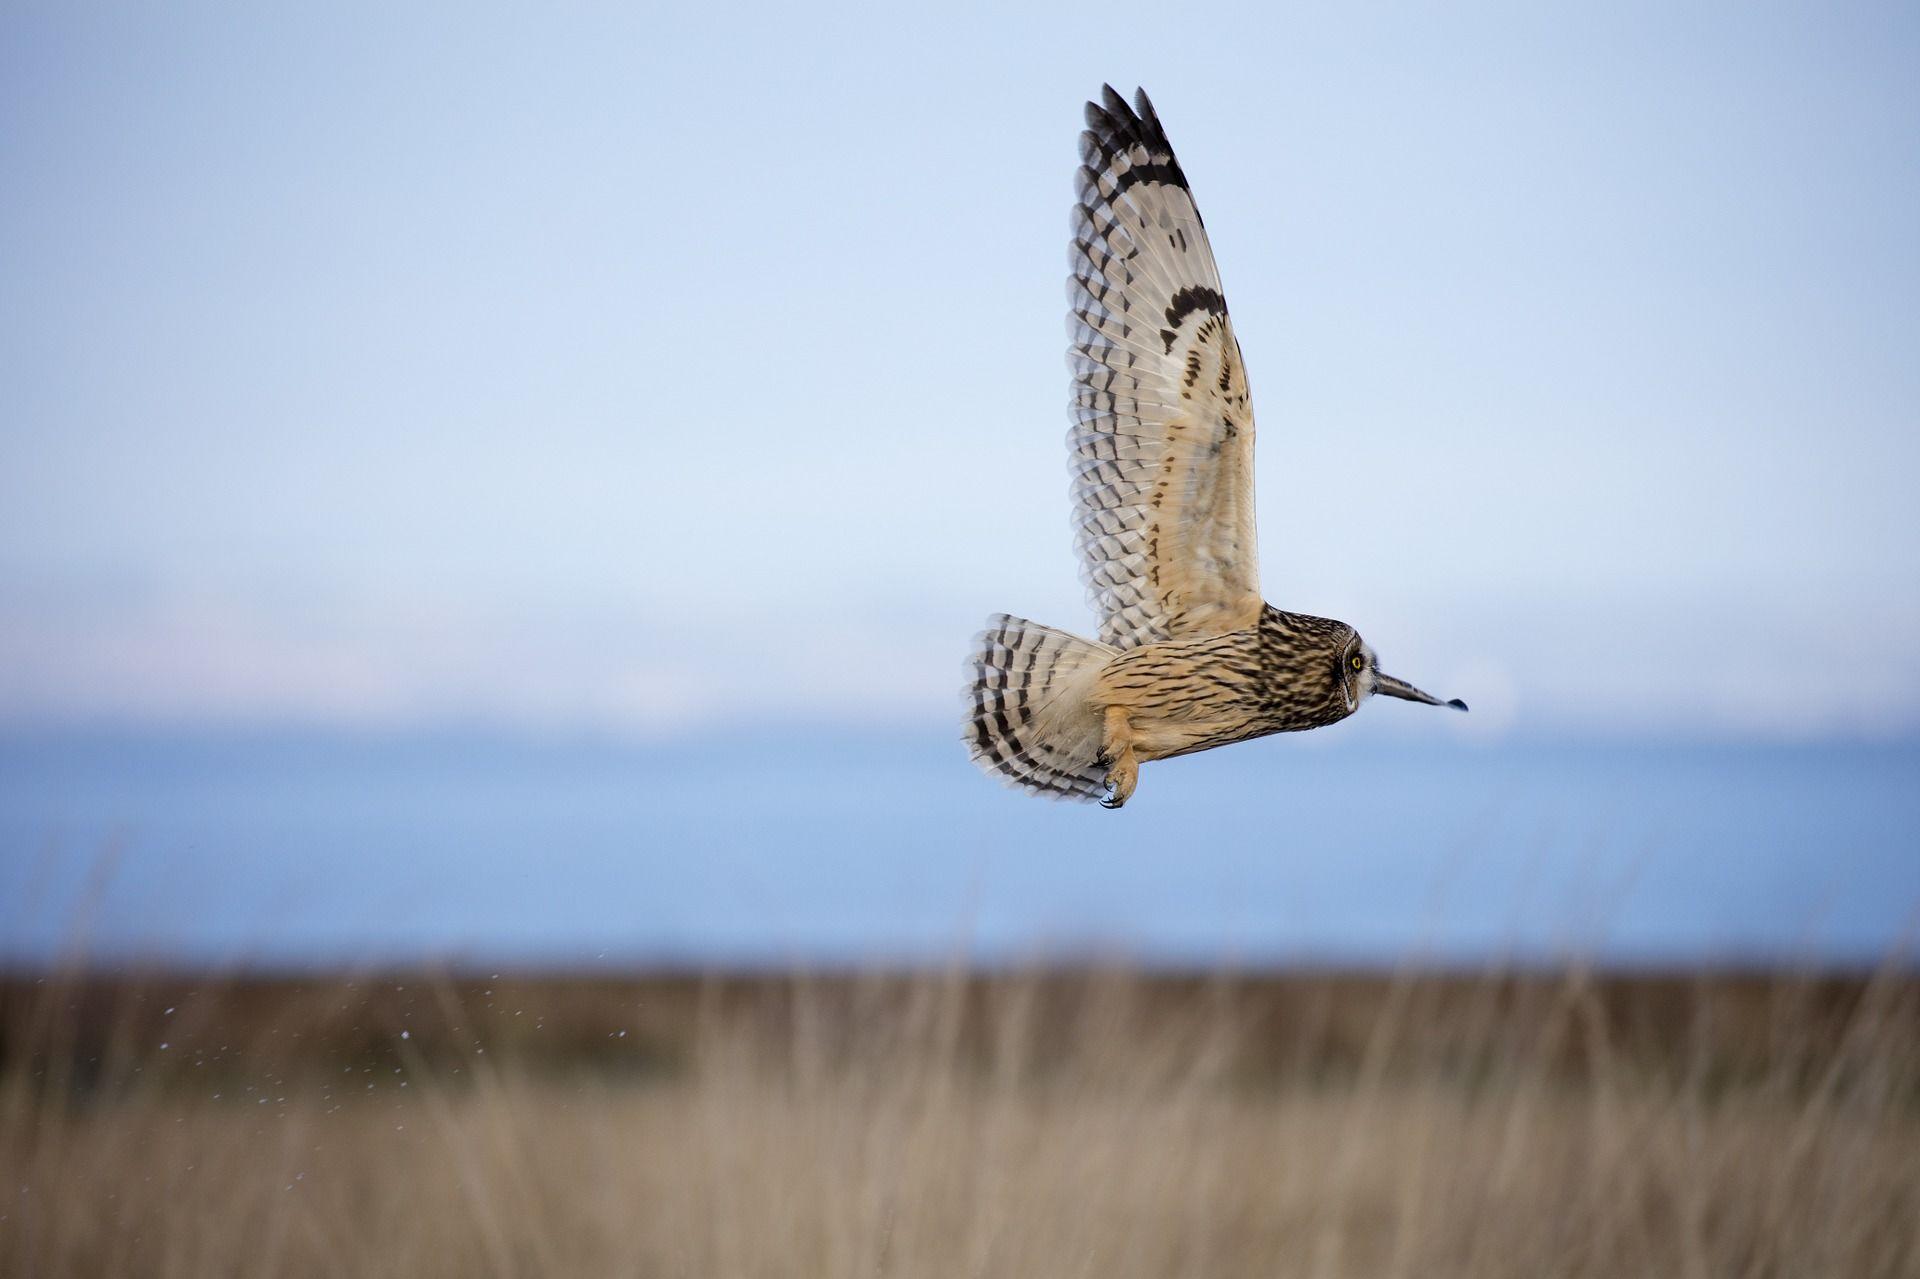 Смотреть картинки совы онлайн